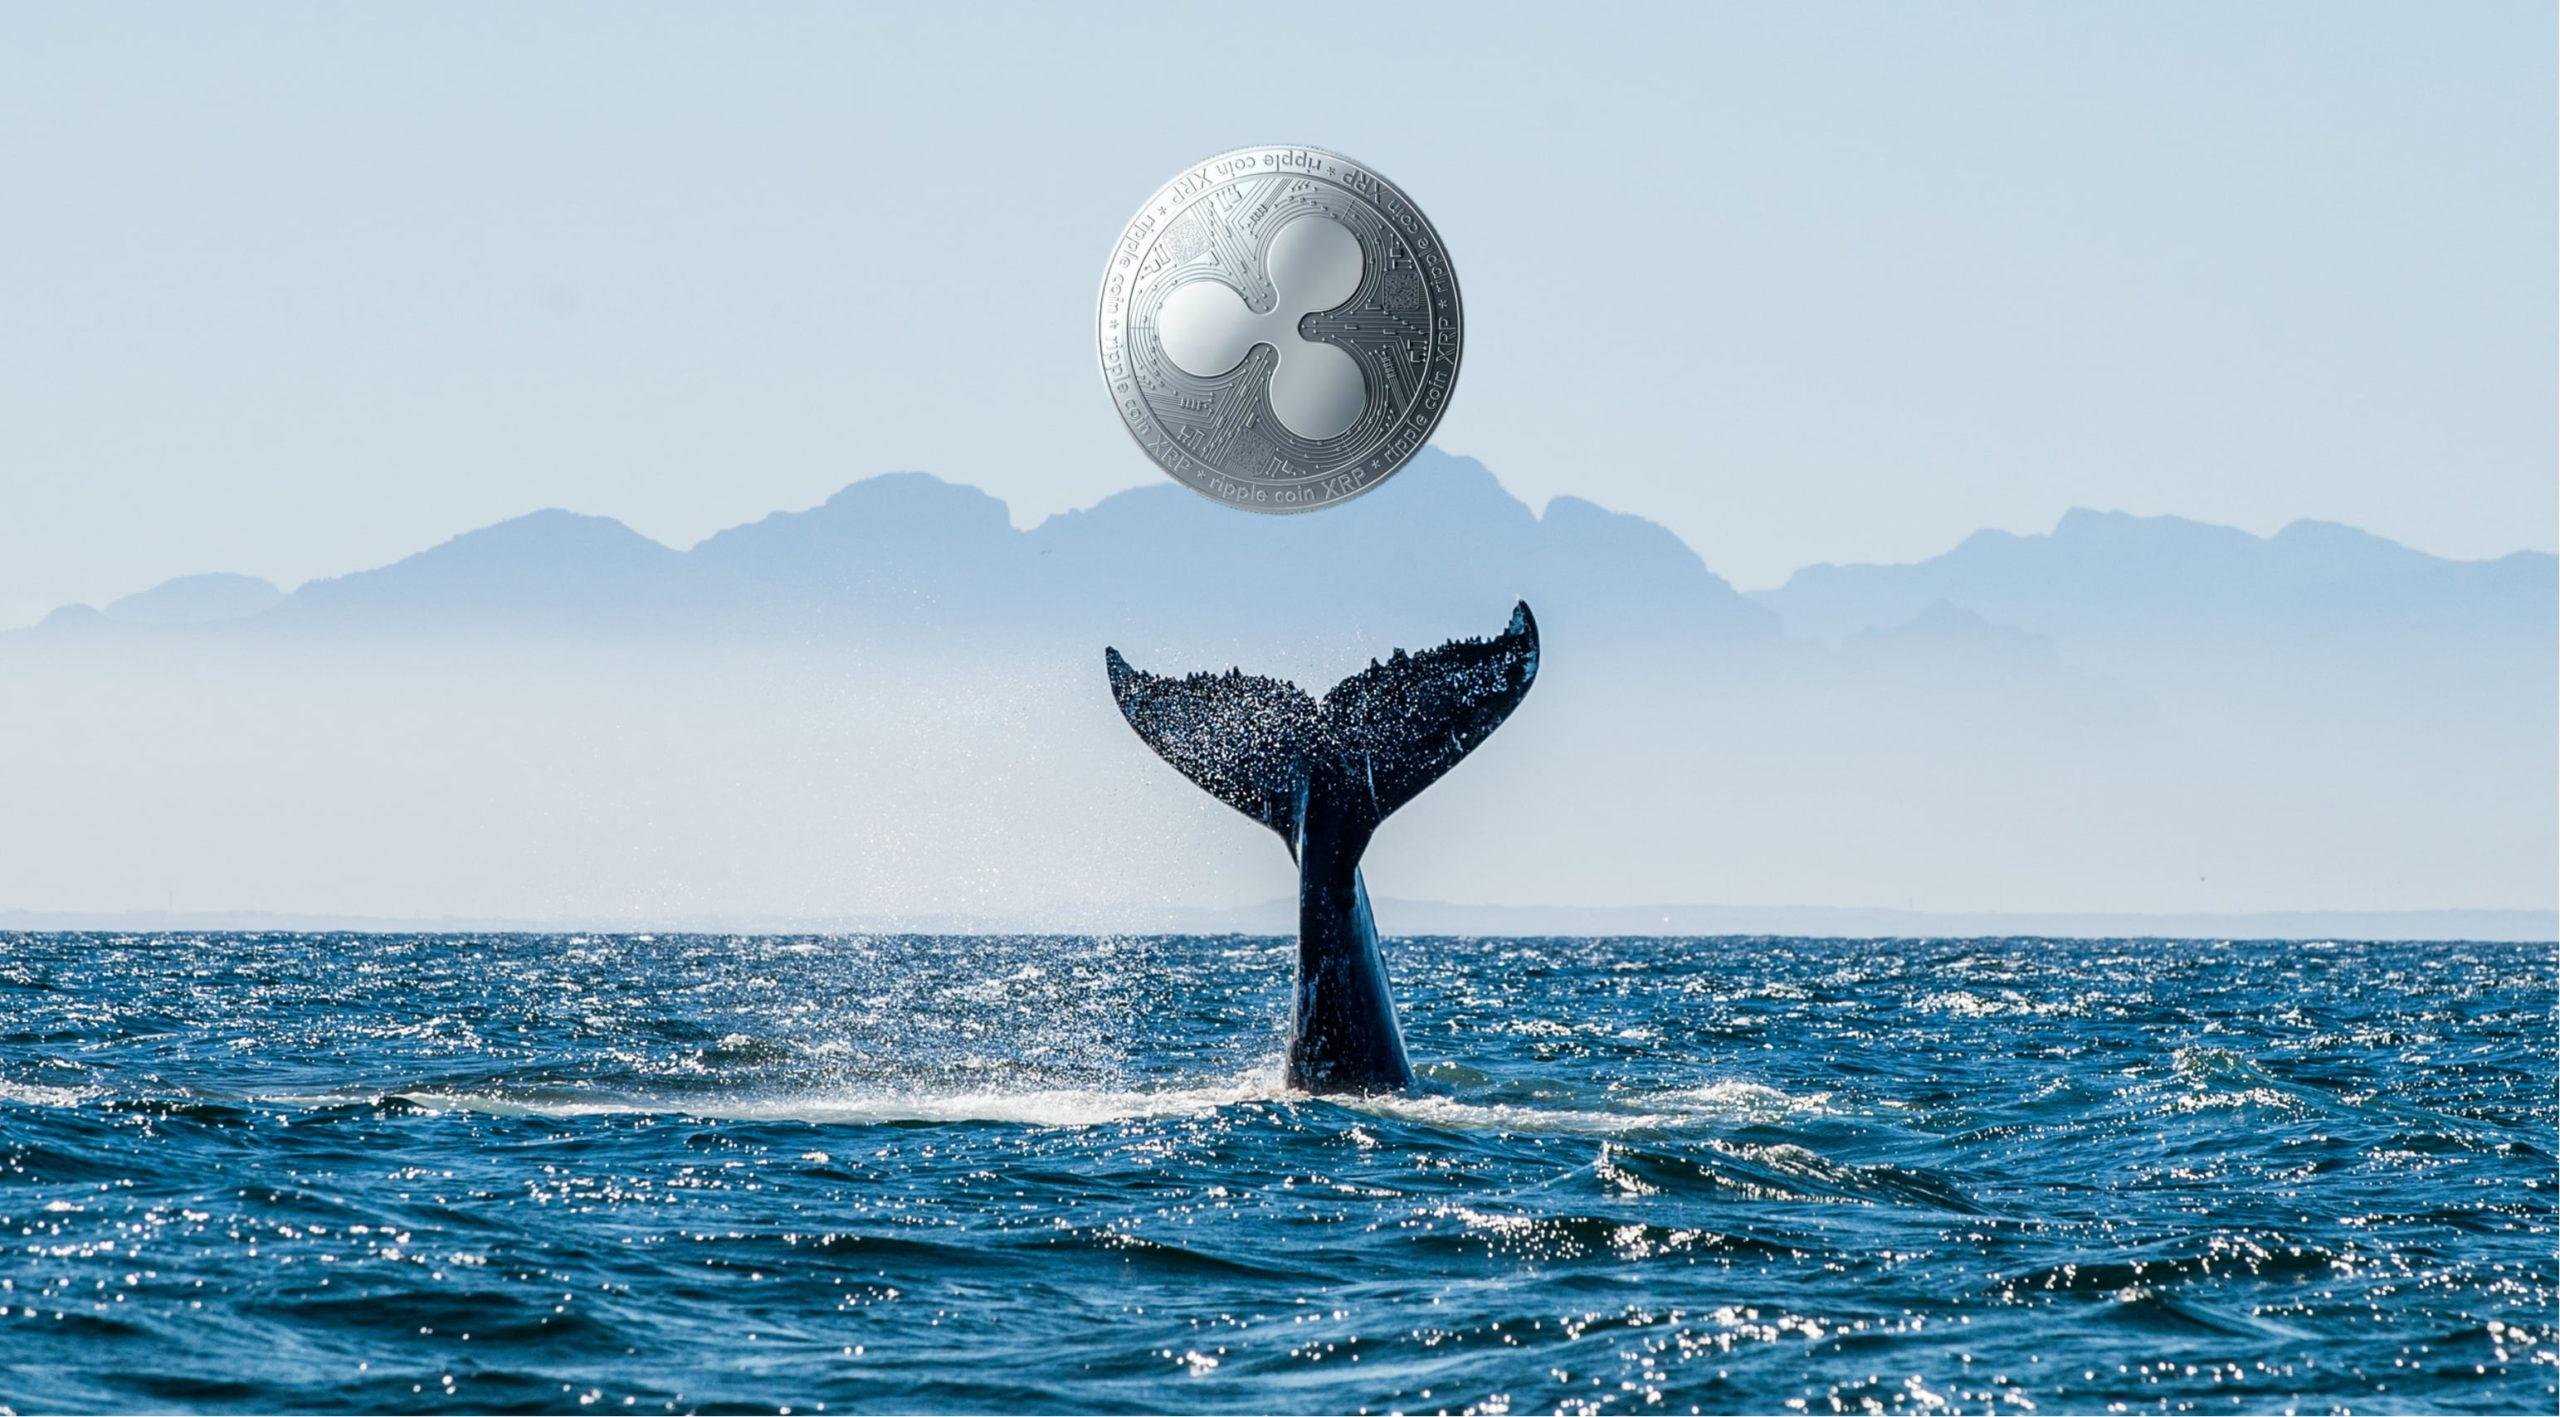 xrp balinasi ripple balinasi